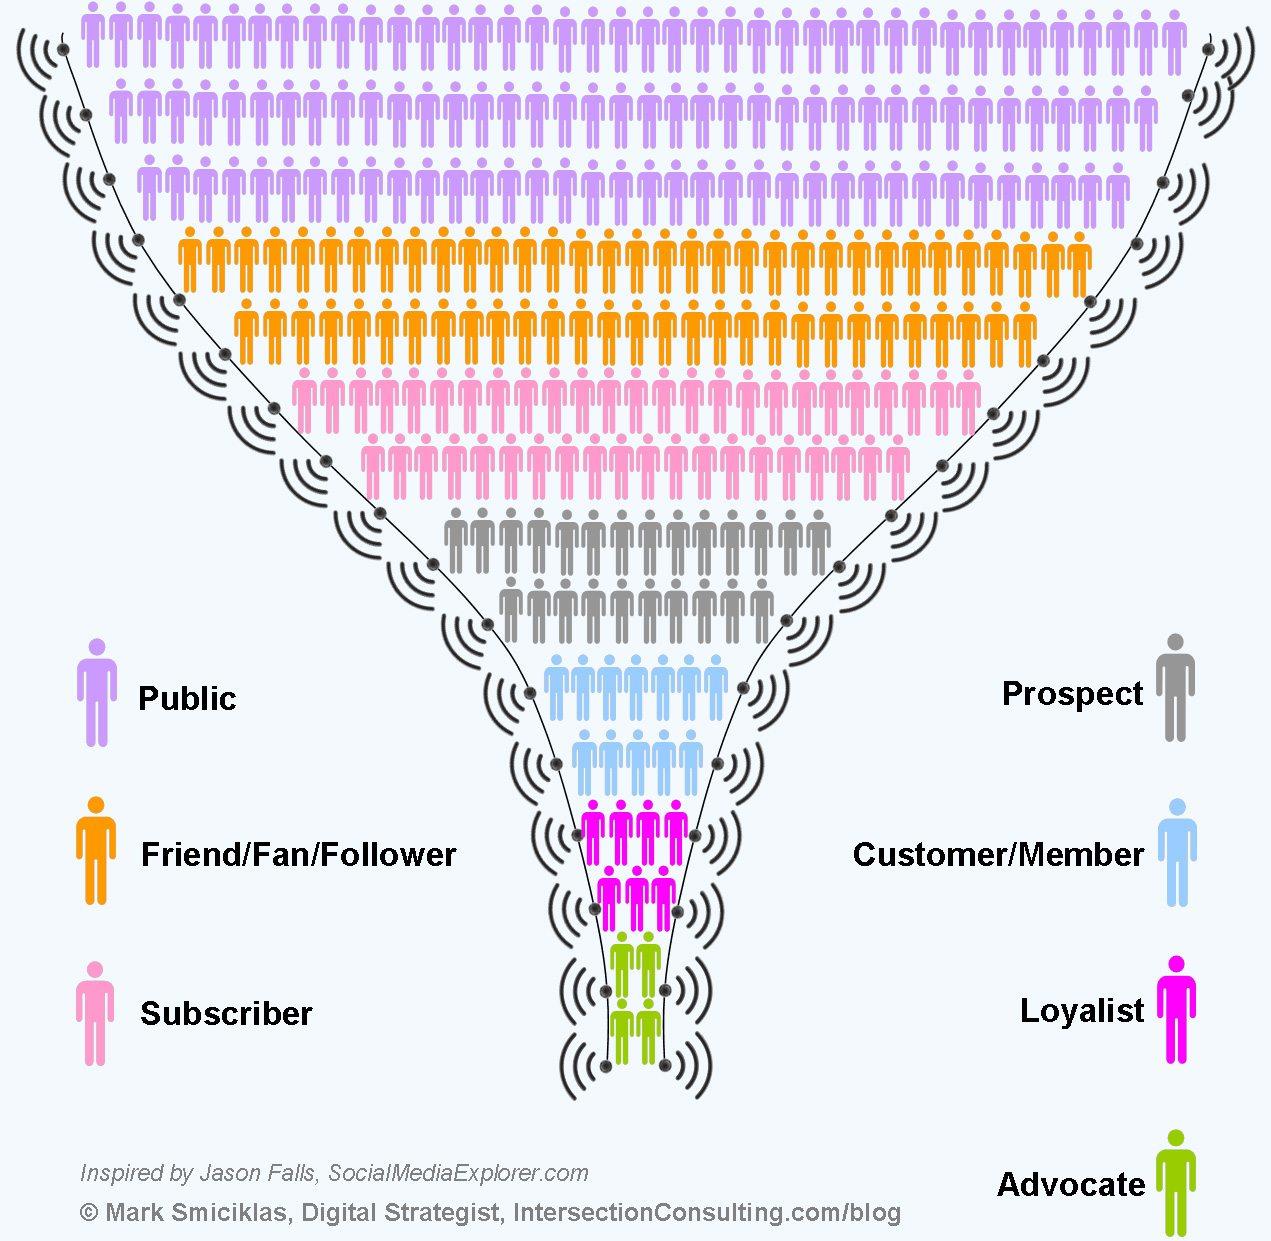 61 Key Social Media Metrics, Defined